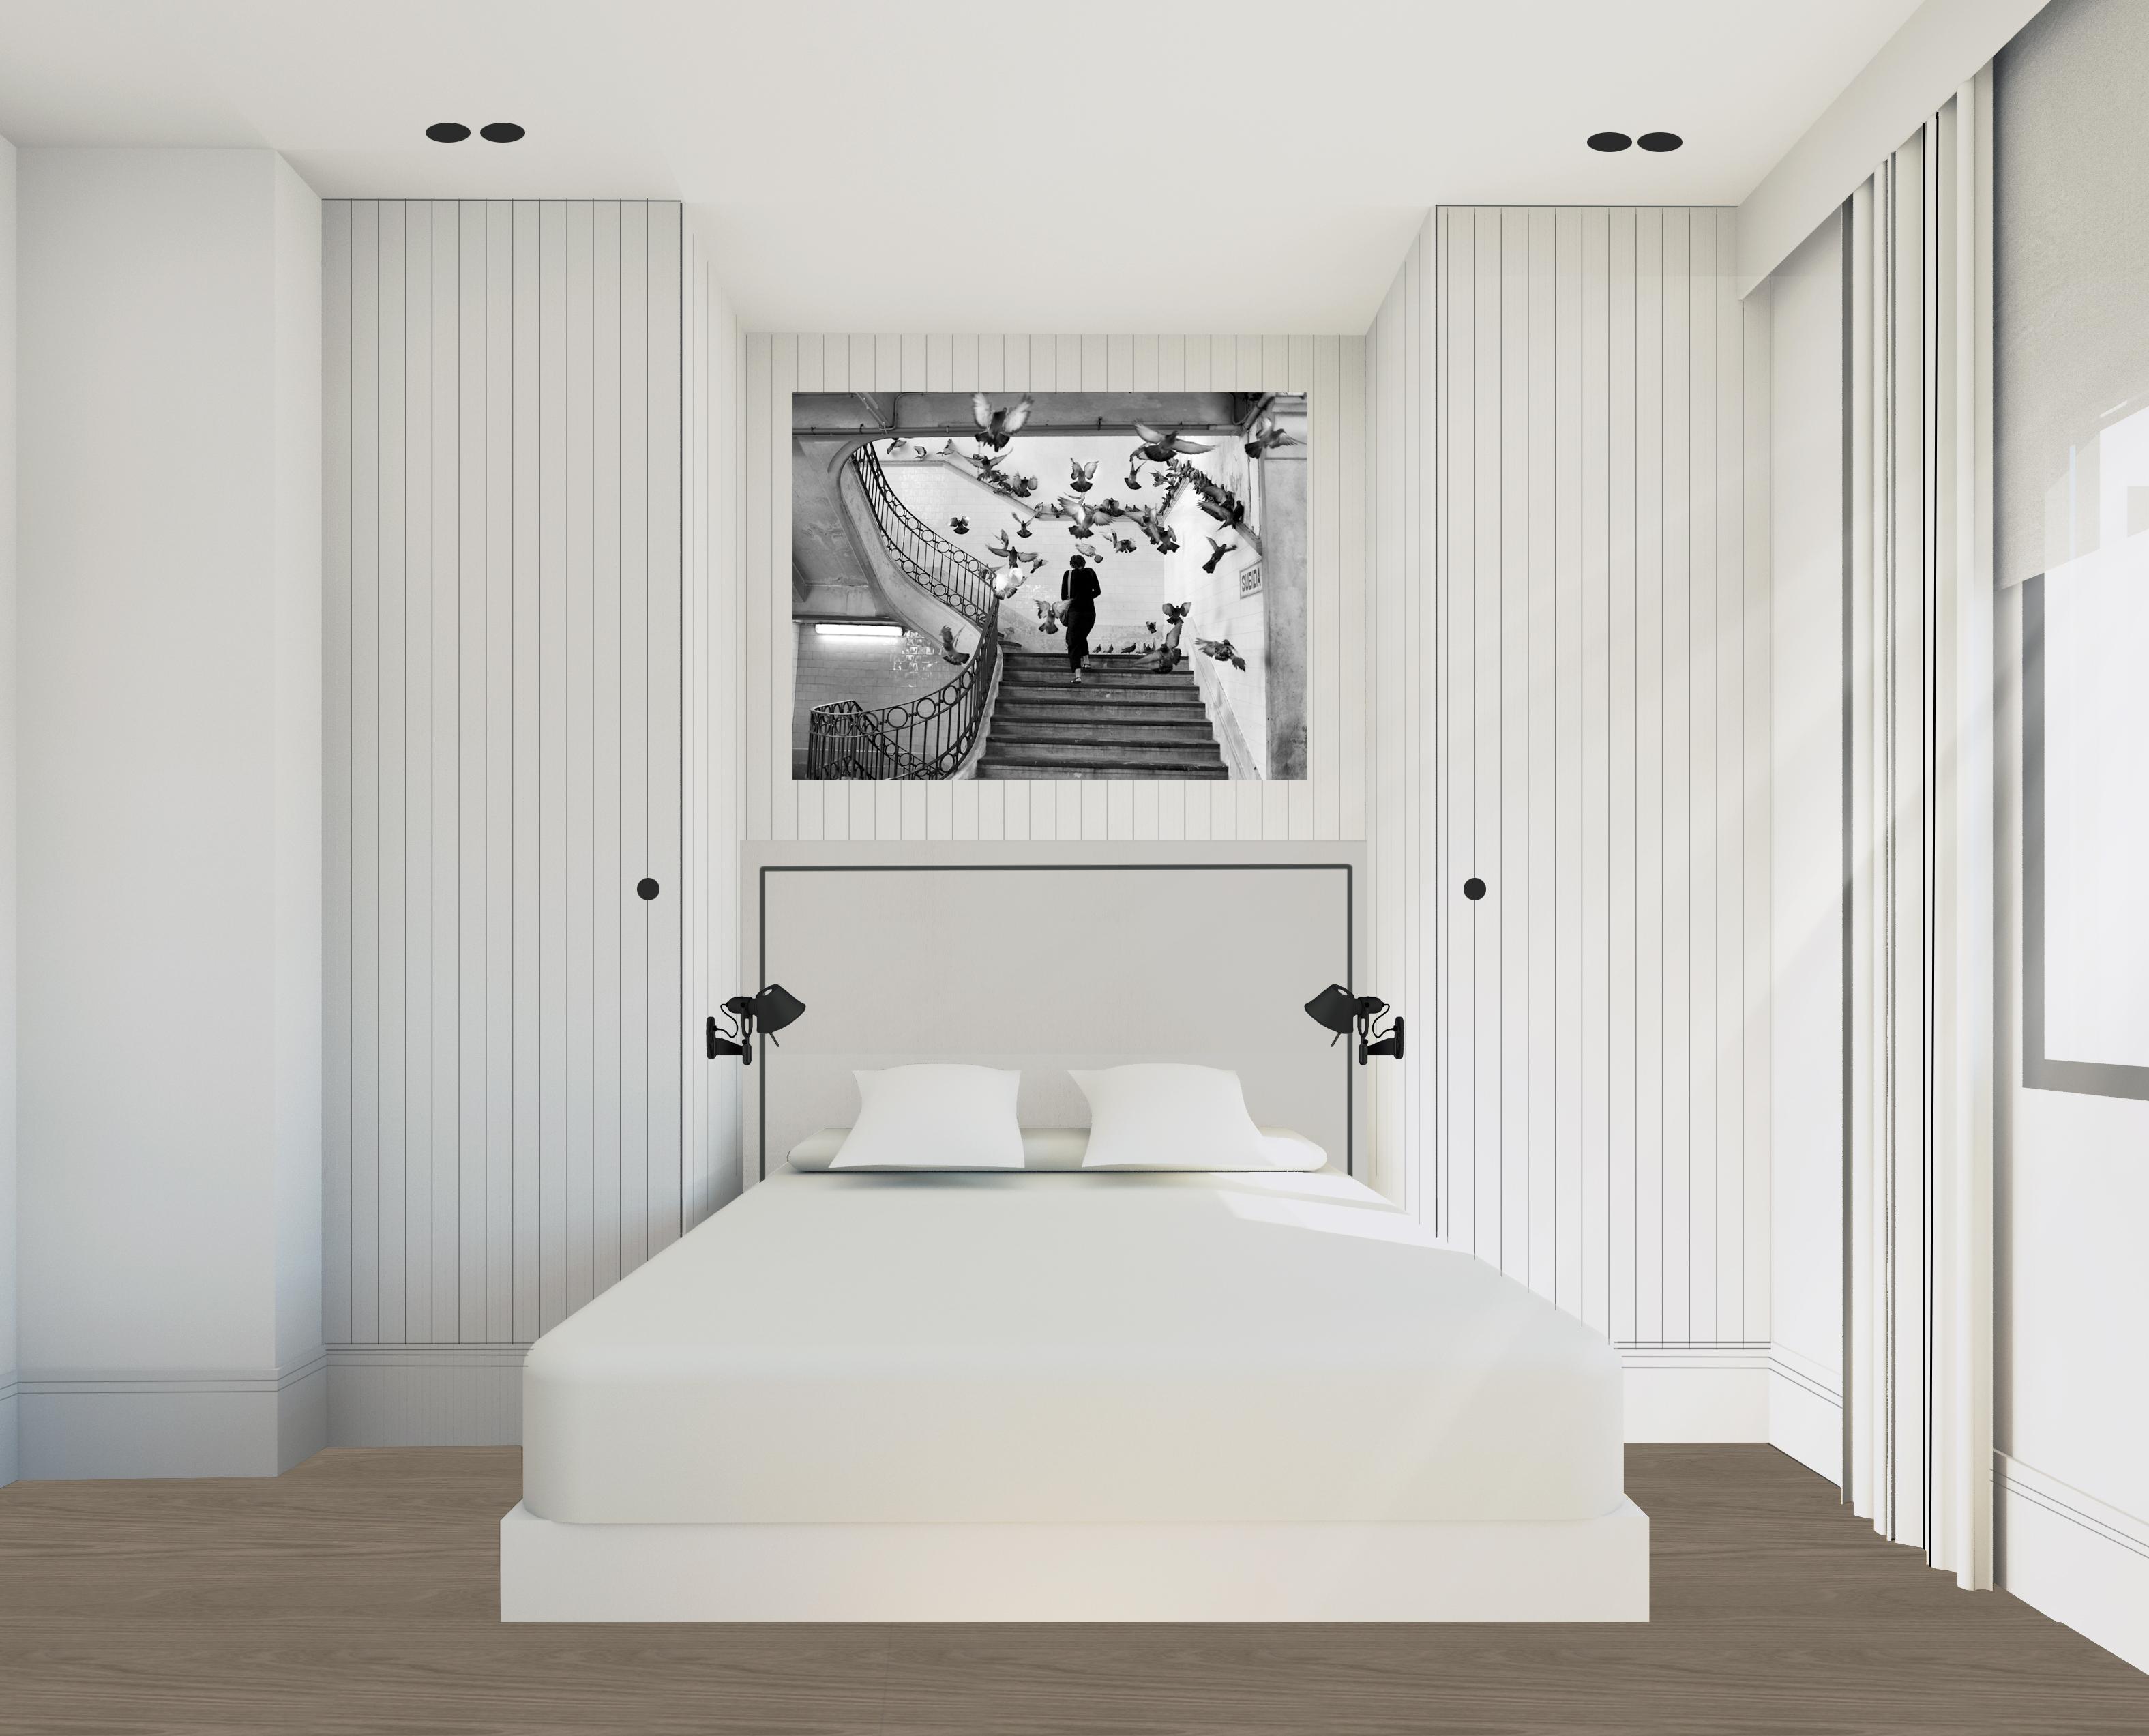 15_Dormitorio invitados 2